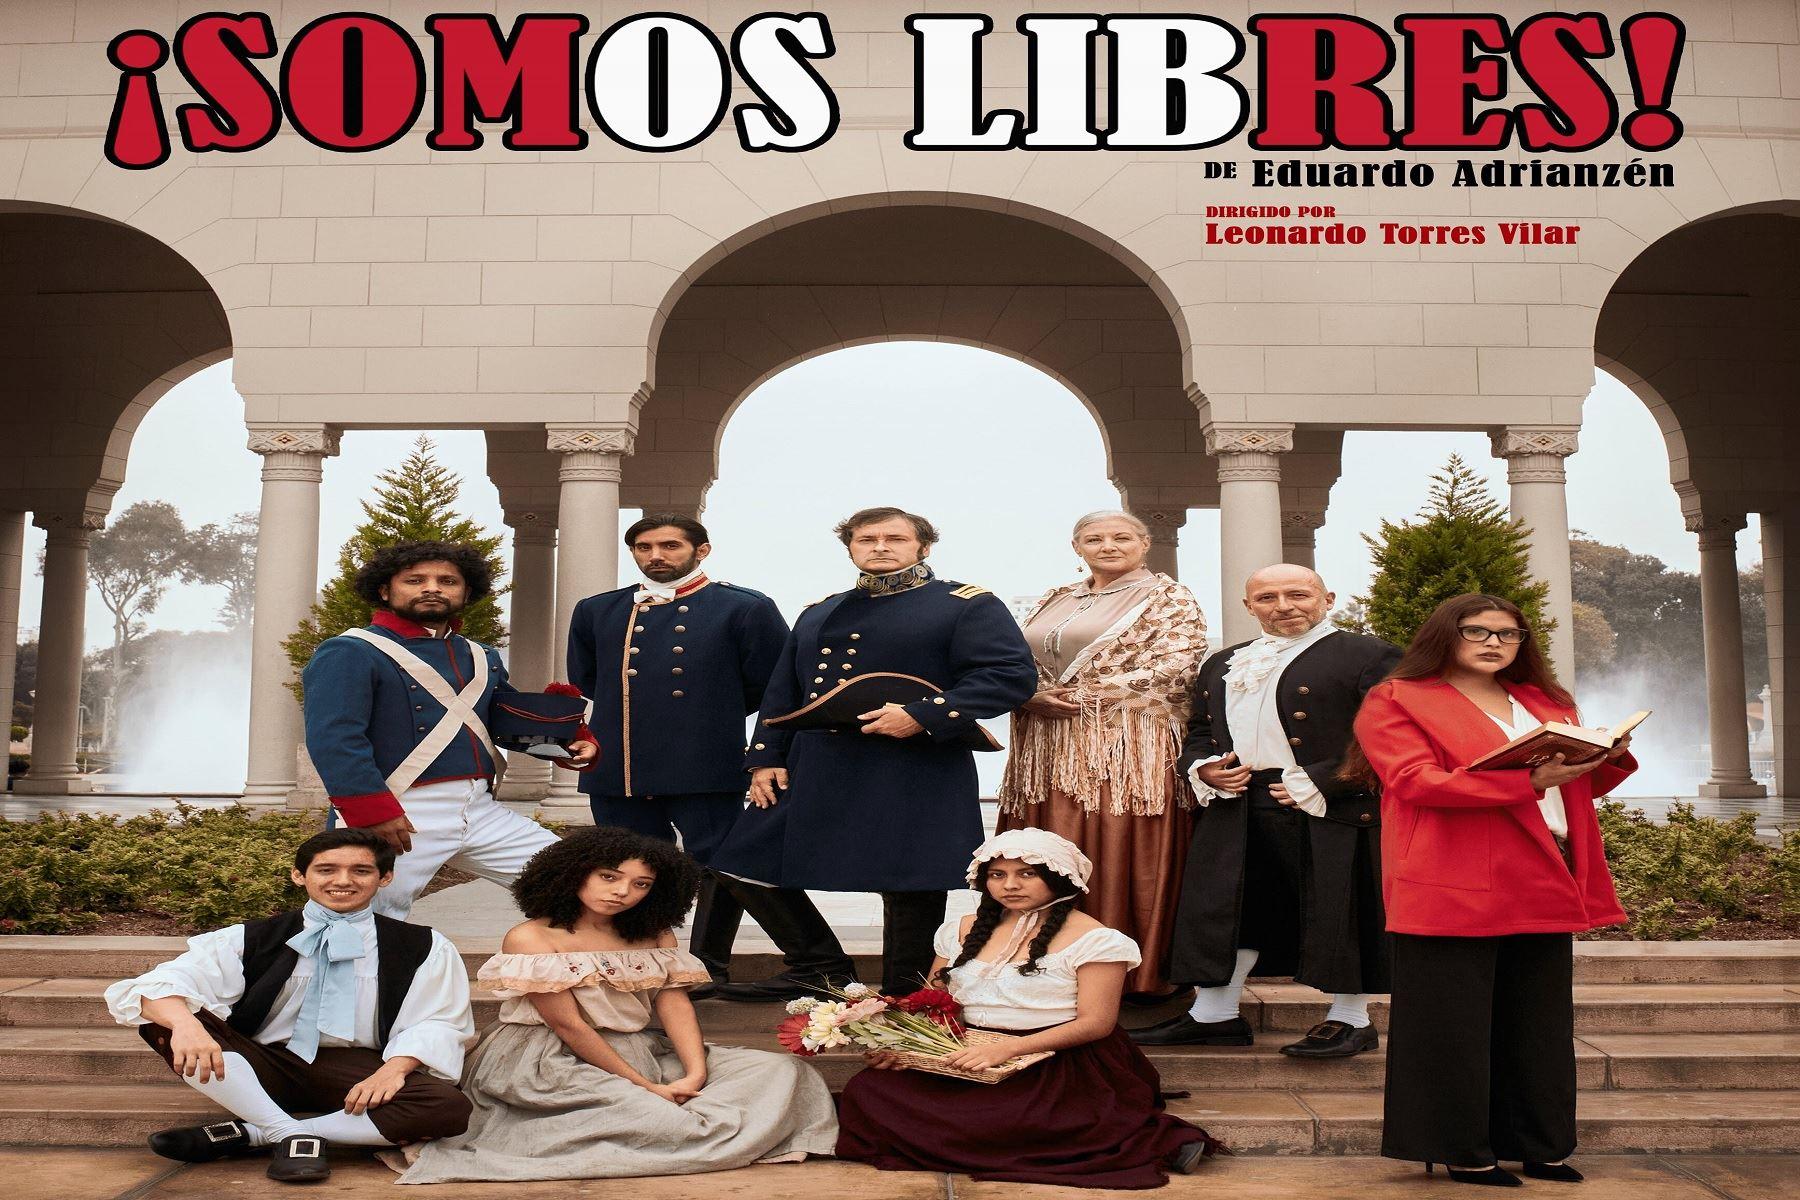 El teatro presencial regresa con la comedia ¡Somos Libres! este 15 de julio